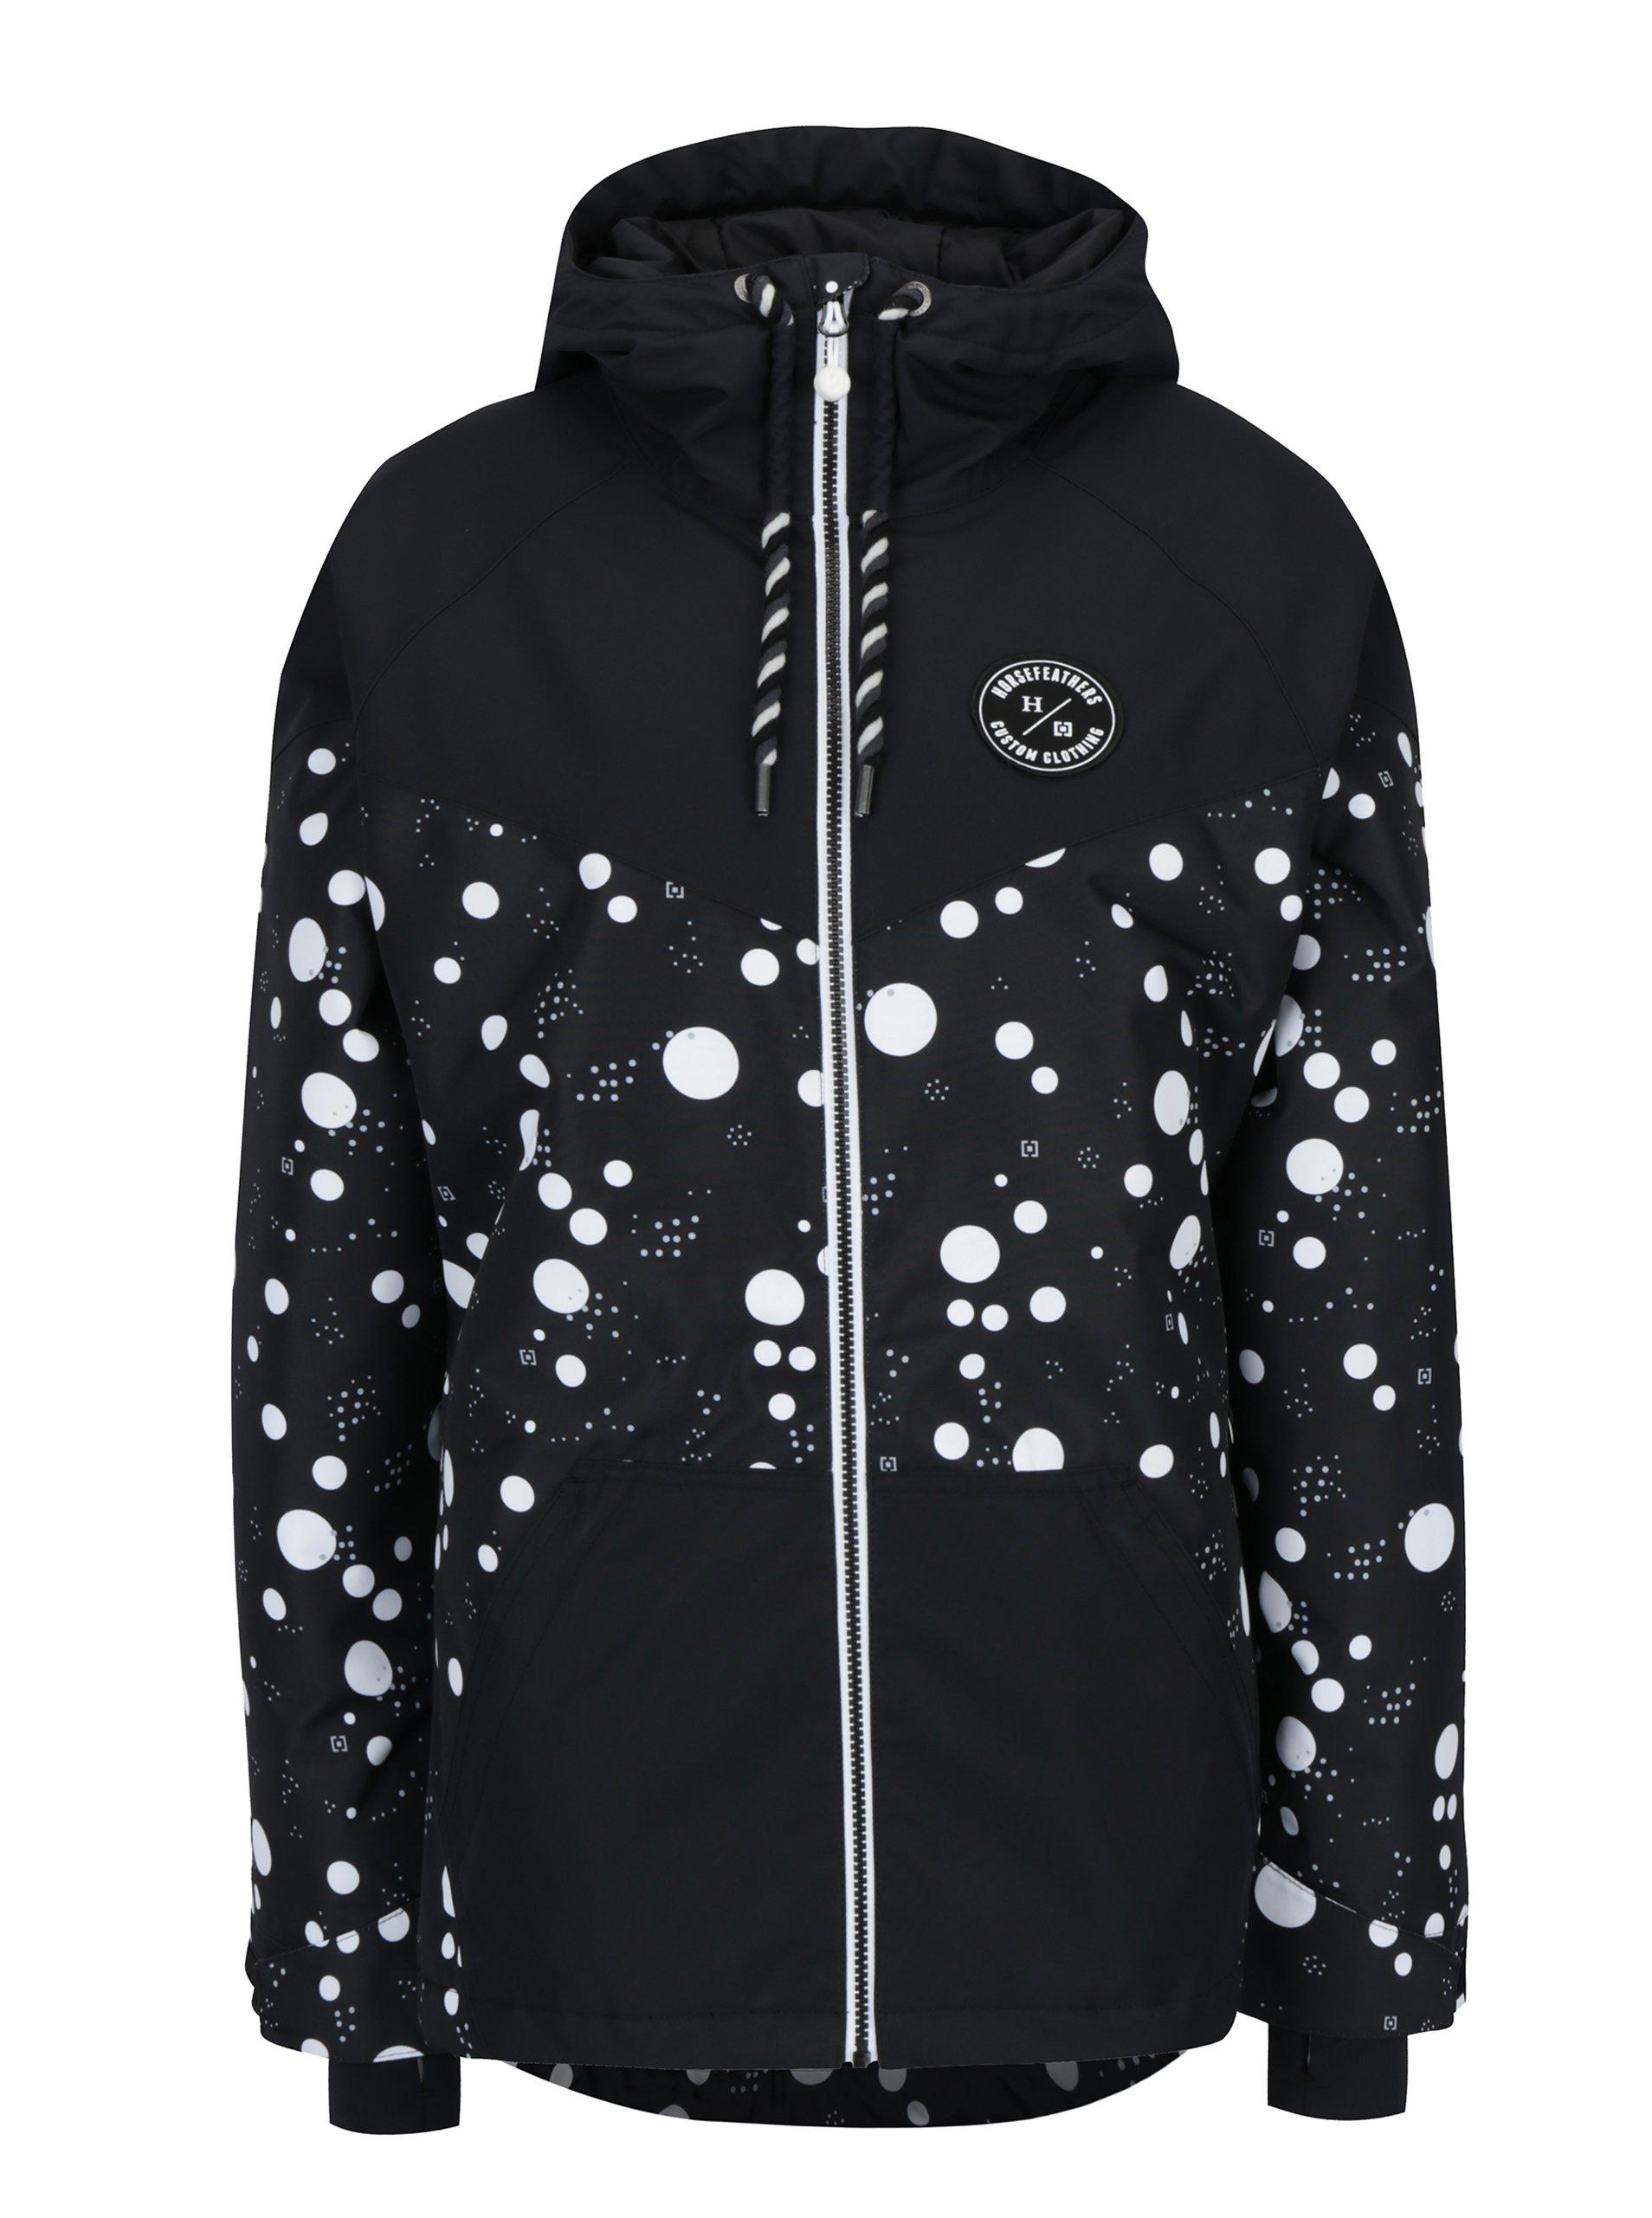 Bílo-černá dámská puntíkovaná zimní bunda Horsefeathers Fay